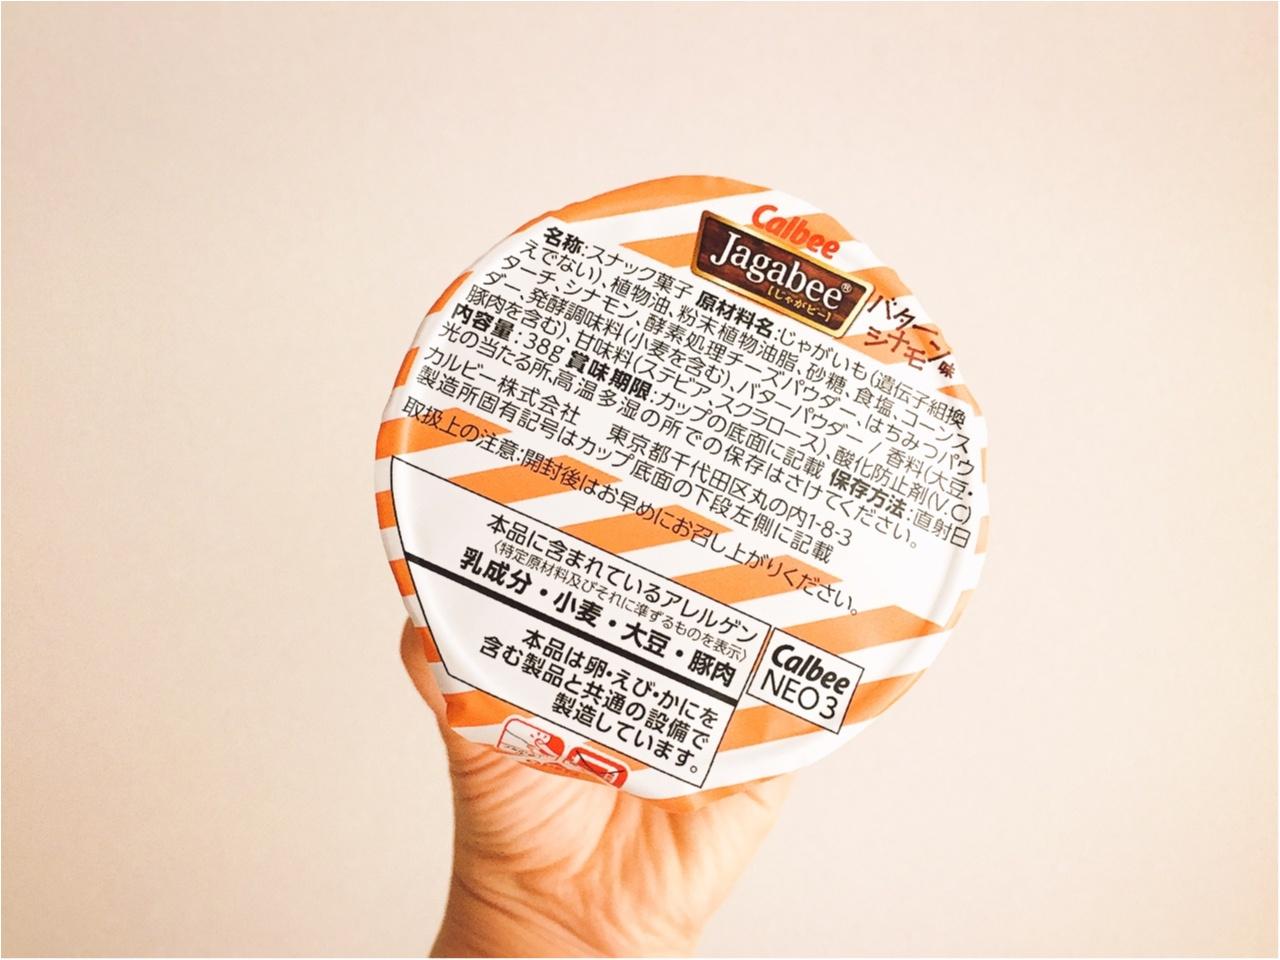 ついに!MOREとコラボのJagabee『バターシナモン味』が発売しました!!_2